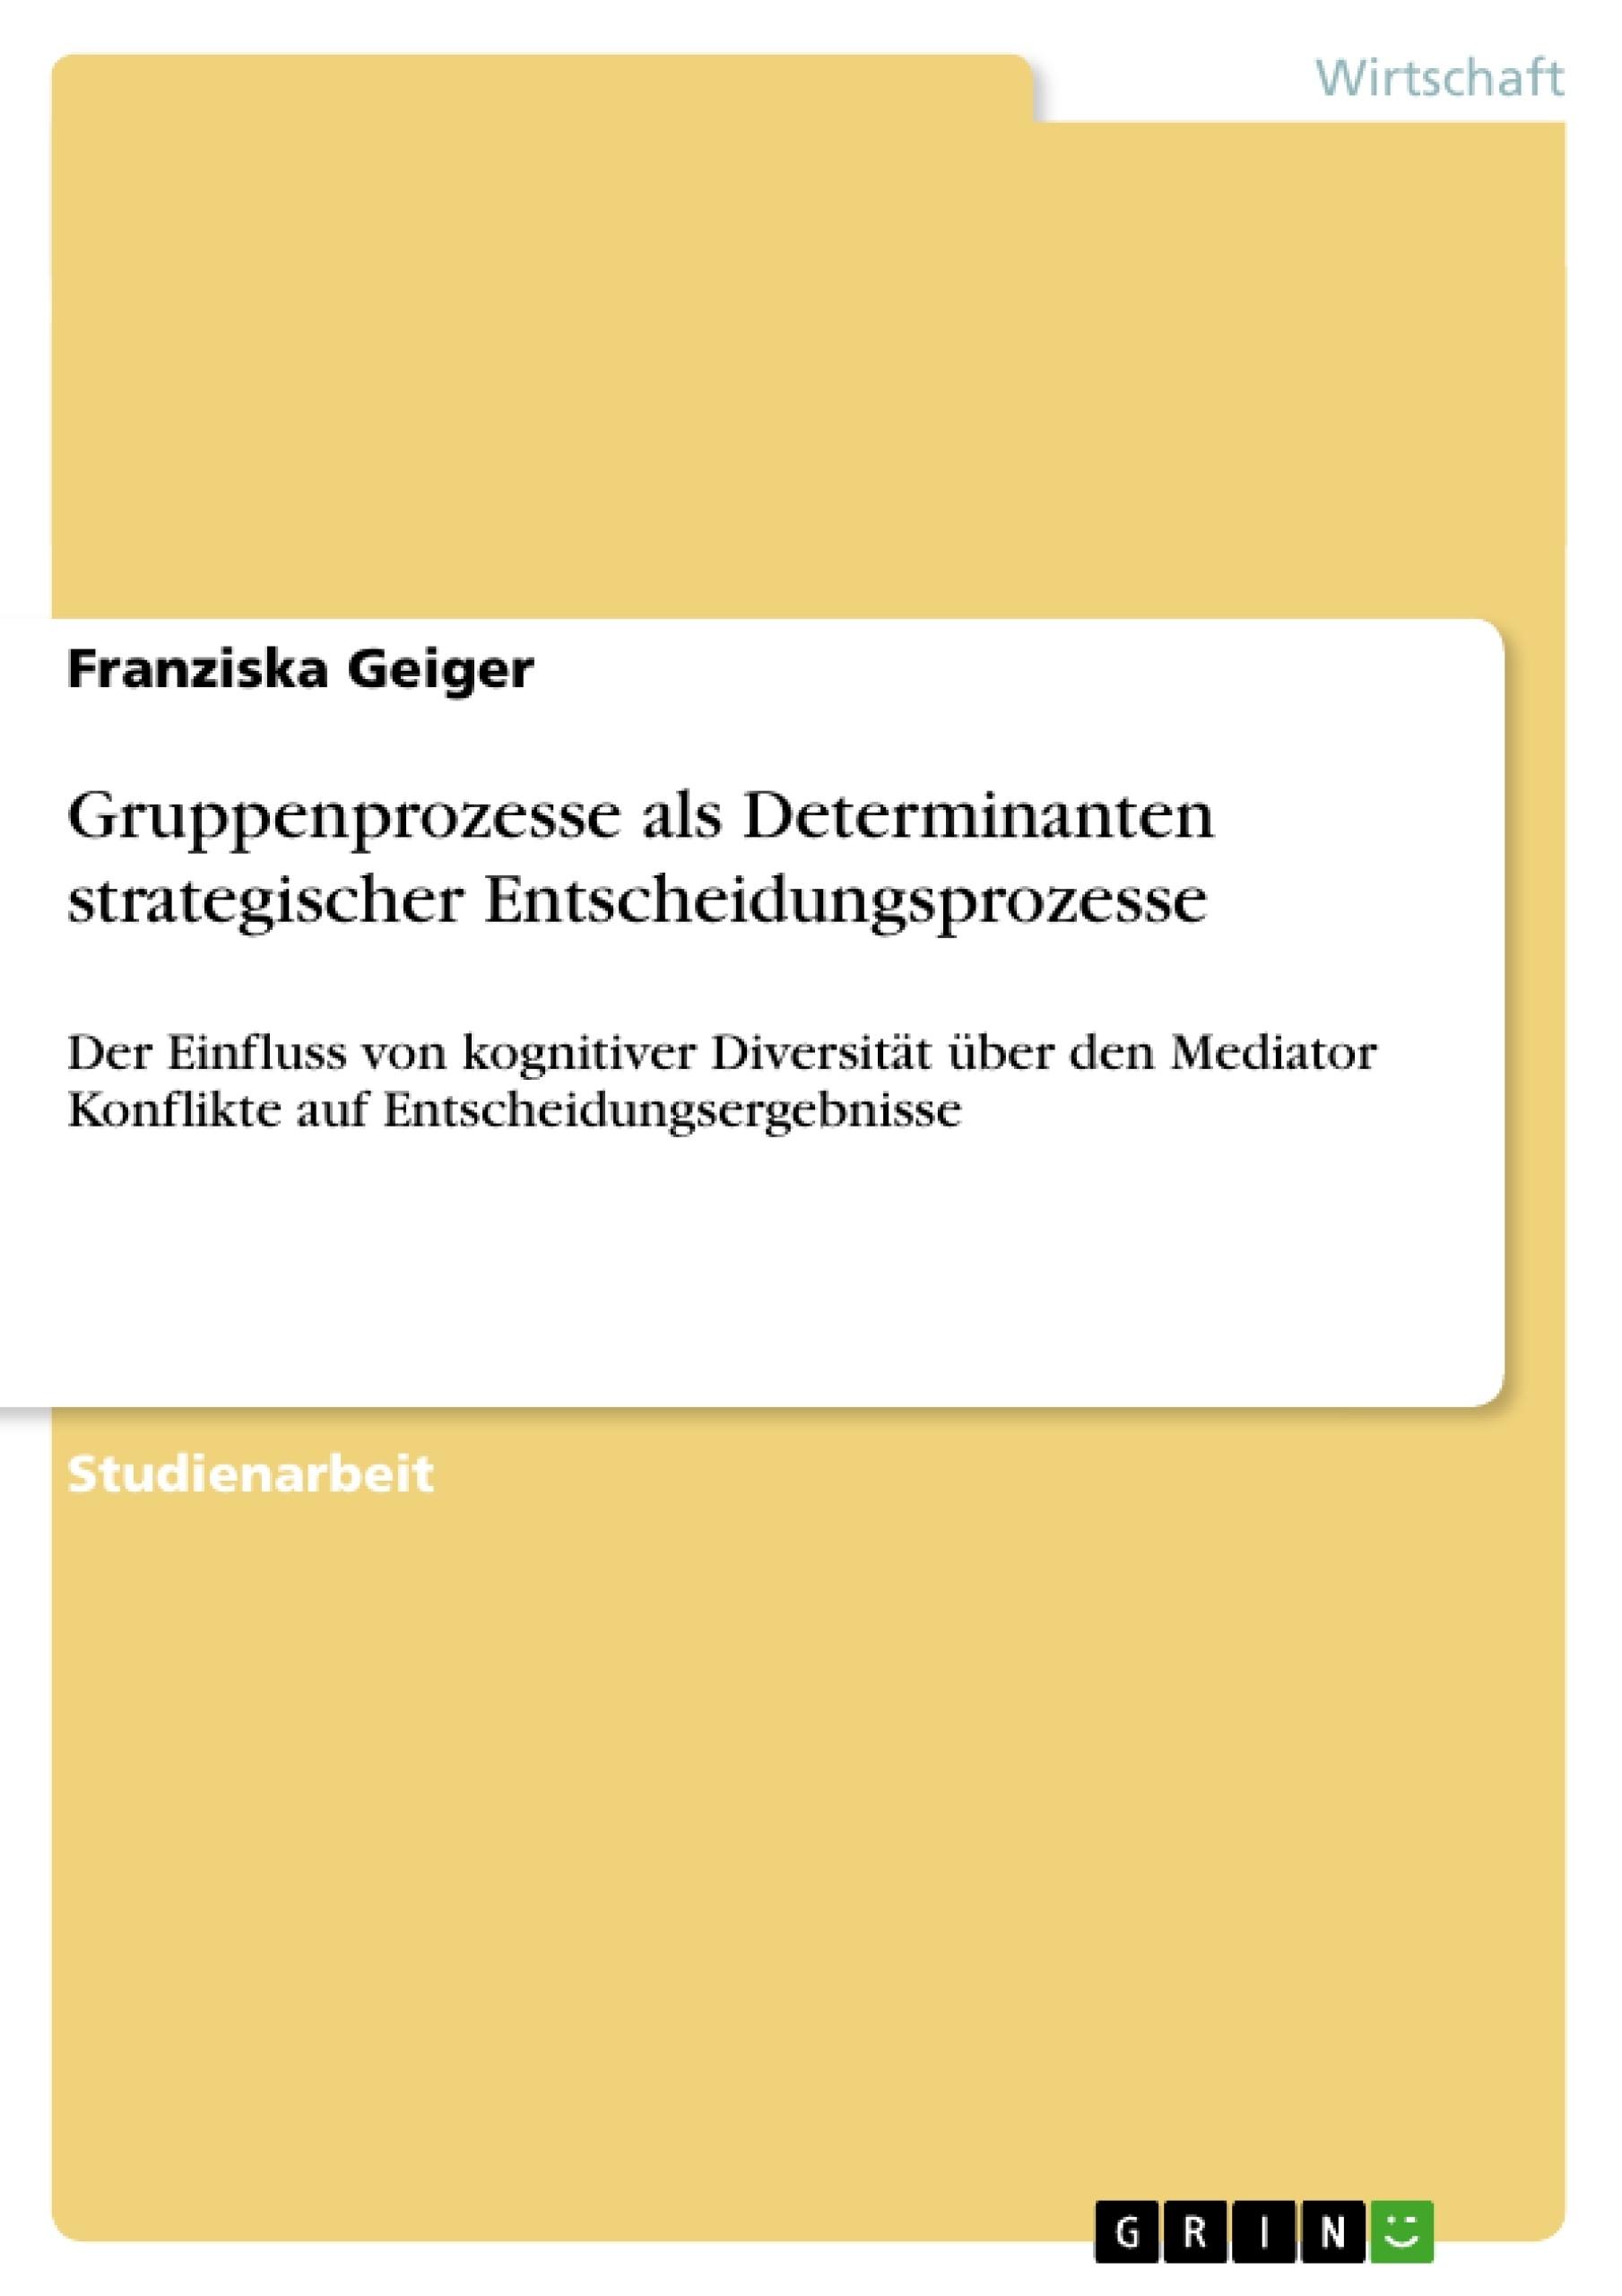 Titel: Gruppenprozesse als Determinanten strategischer Entscheidungsprozesse